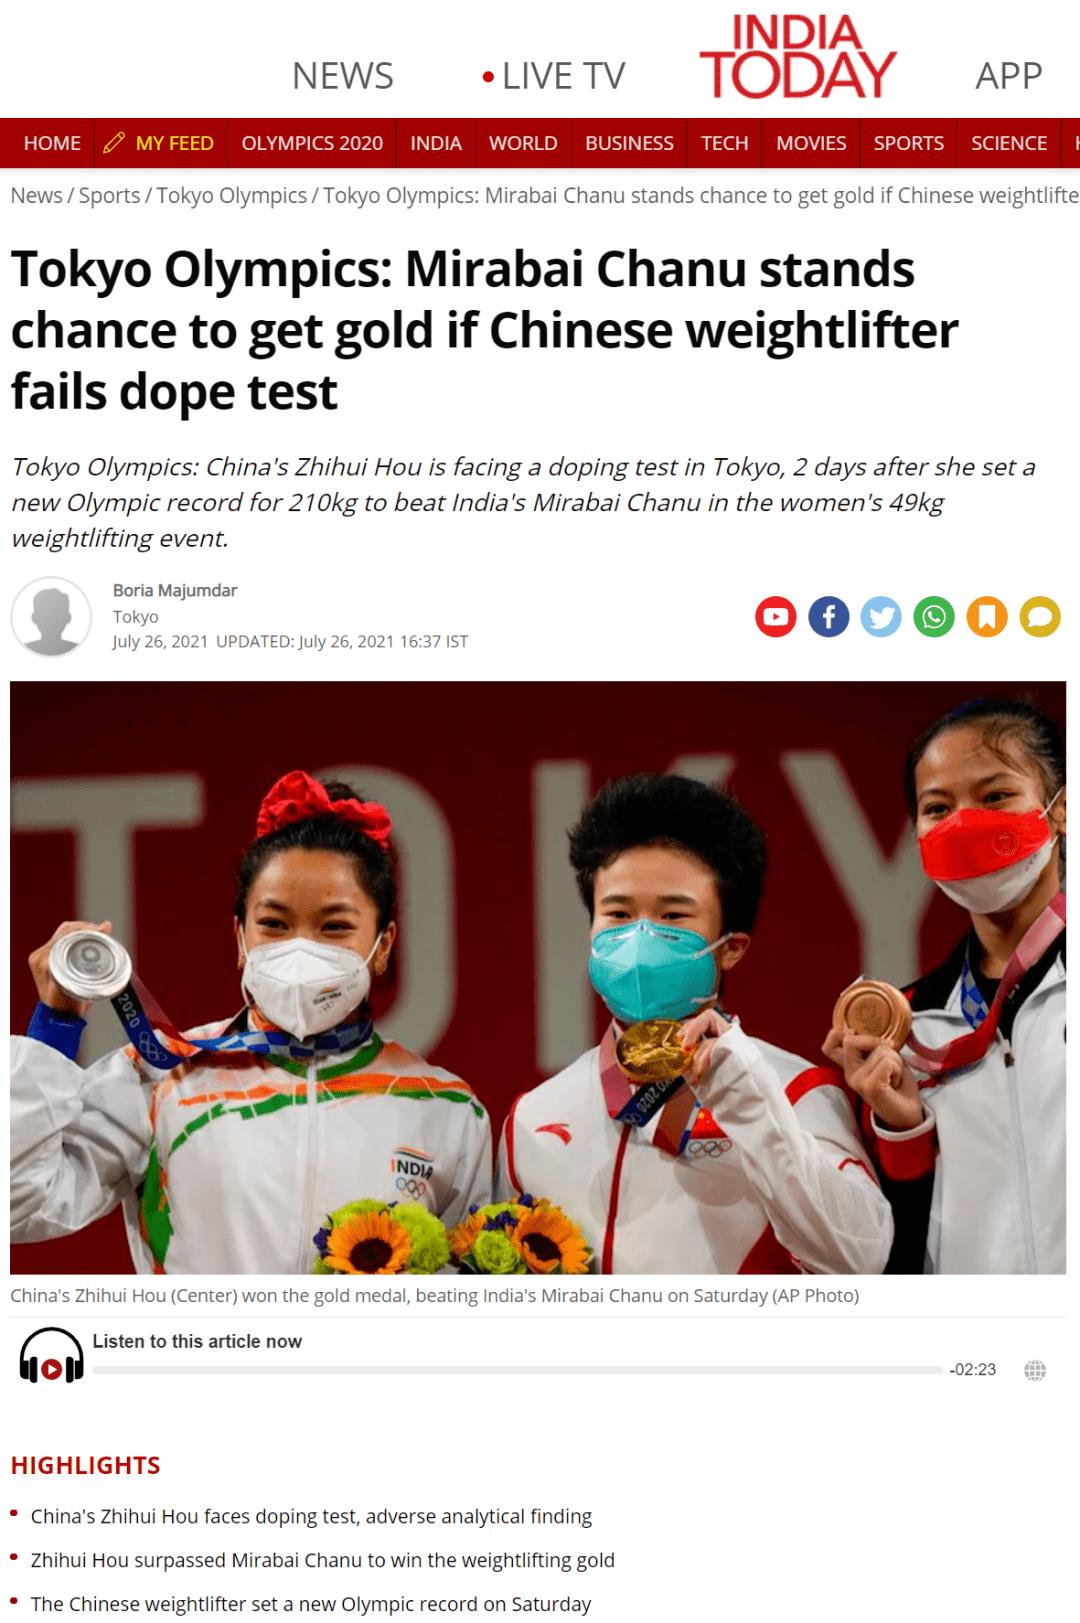 为啥印度的奥运奖牌那么少?